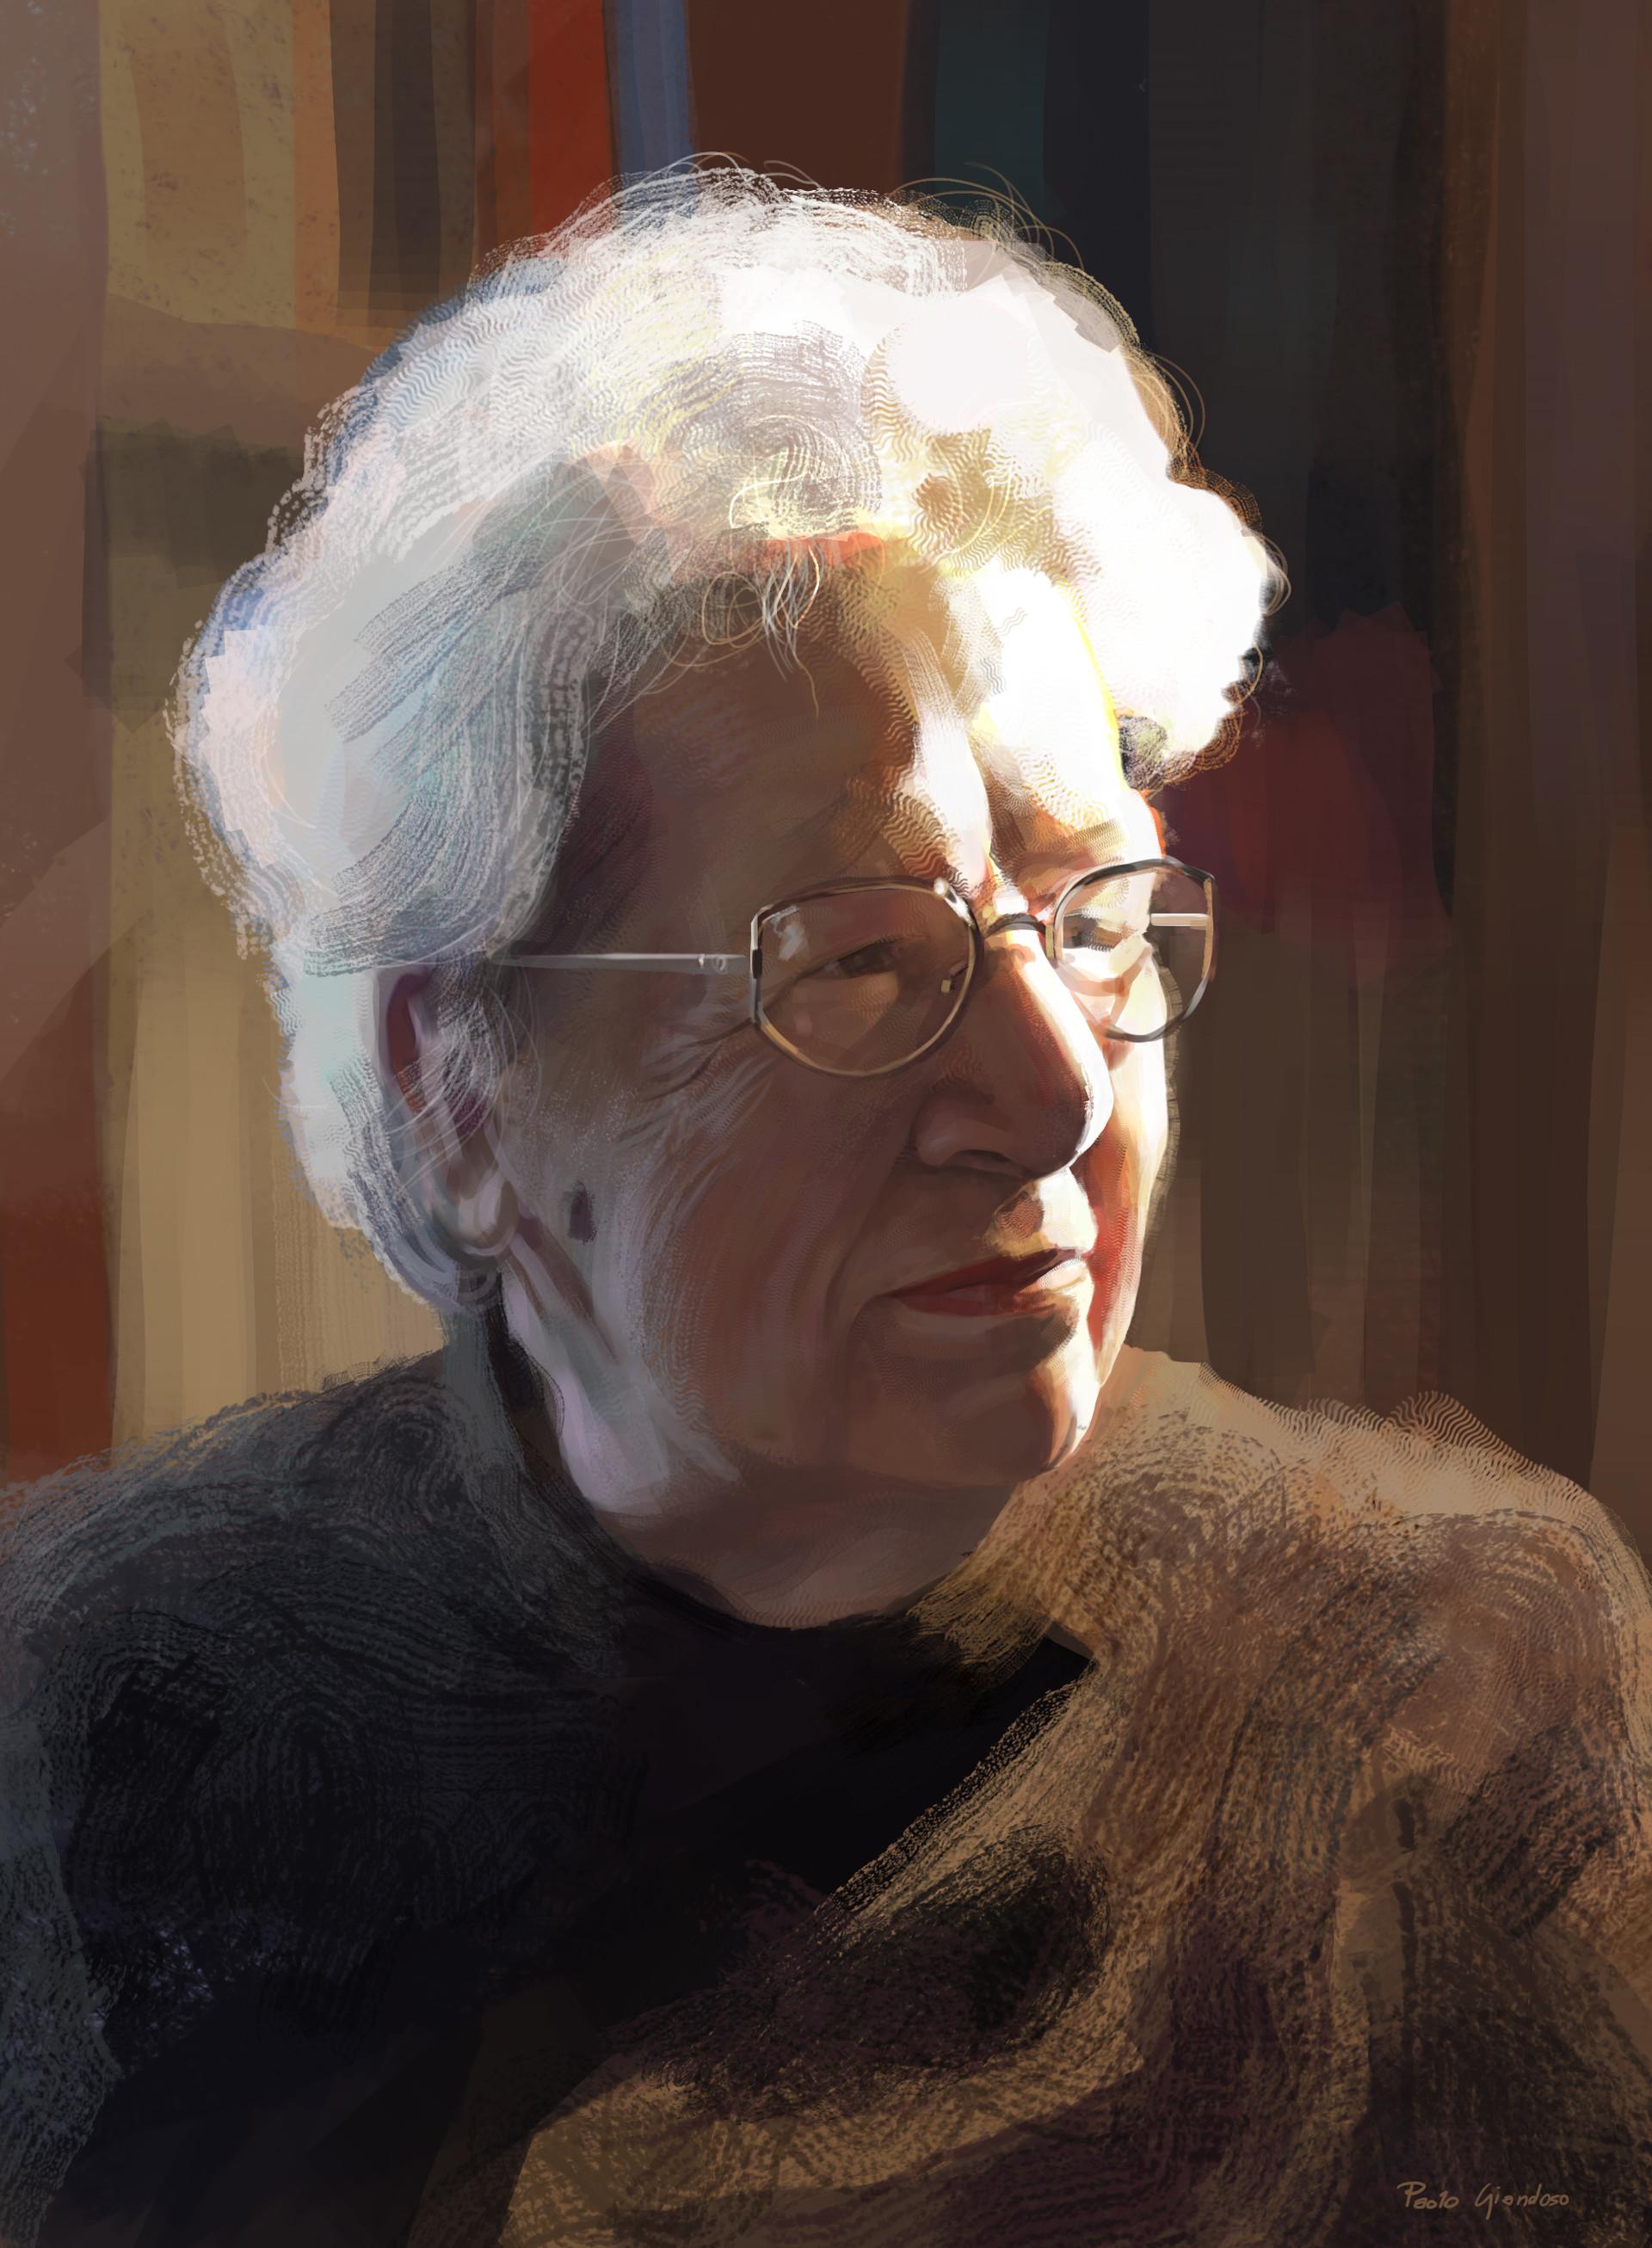 Paolo giandoso nonna3